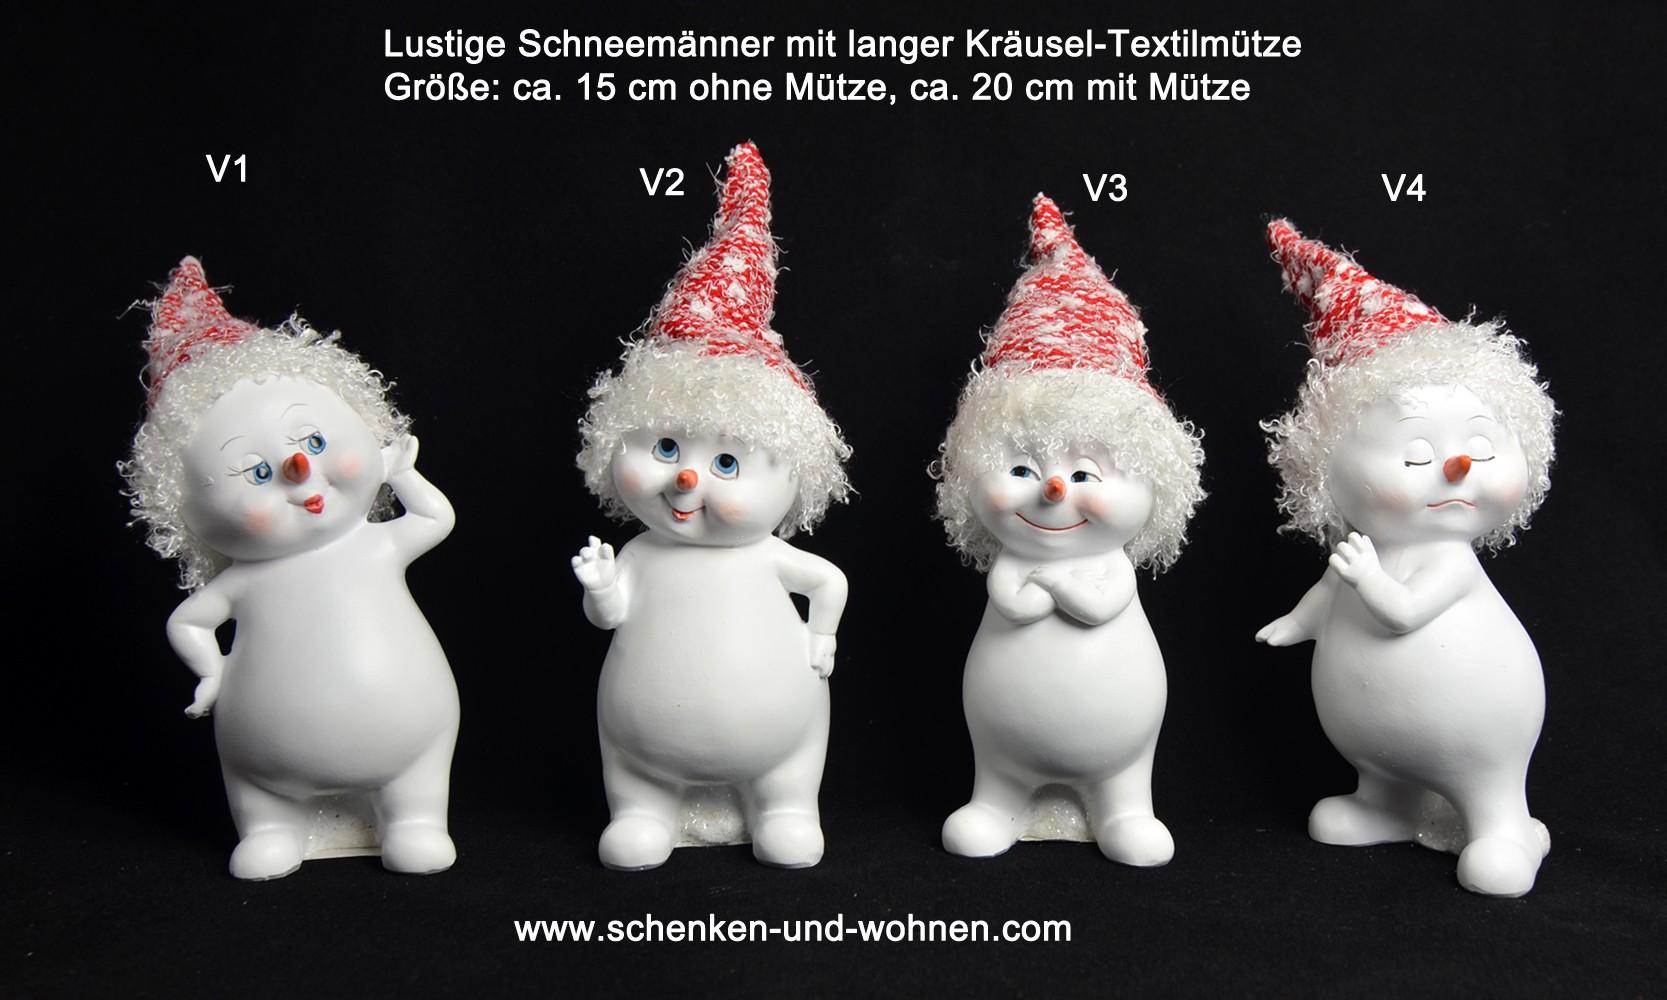 Schneemann mit langer gekräuselter Textilmütze ca. 15-20 cm V4